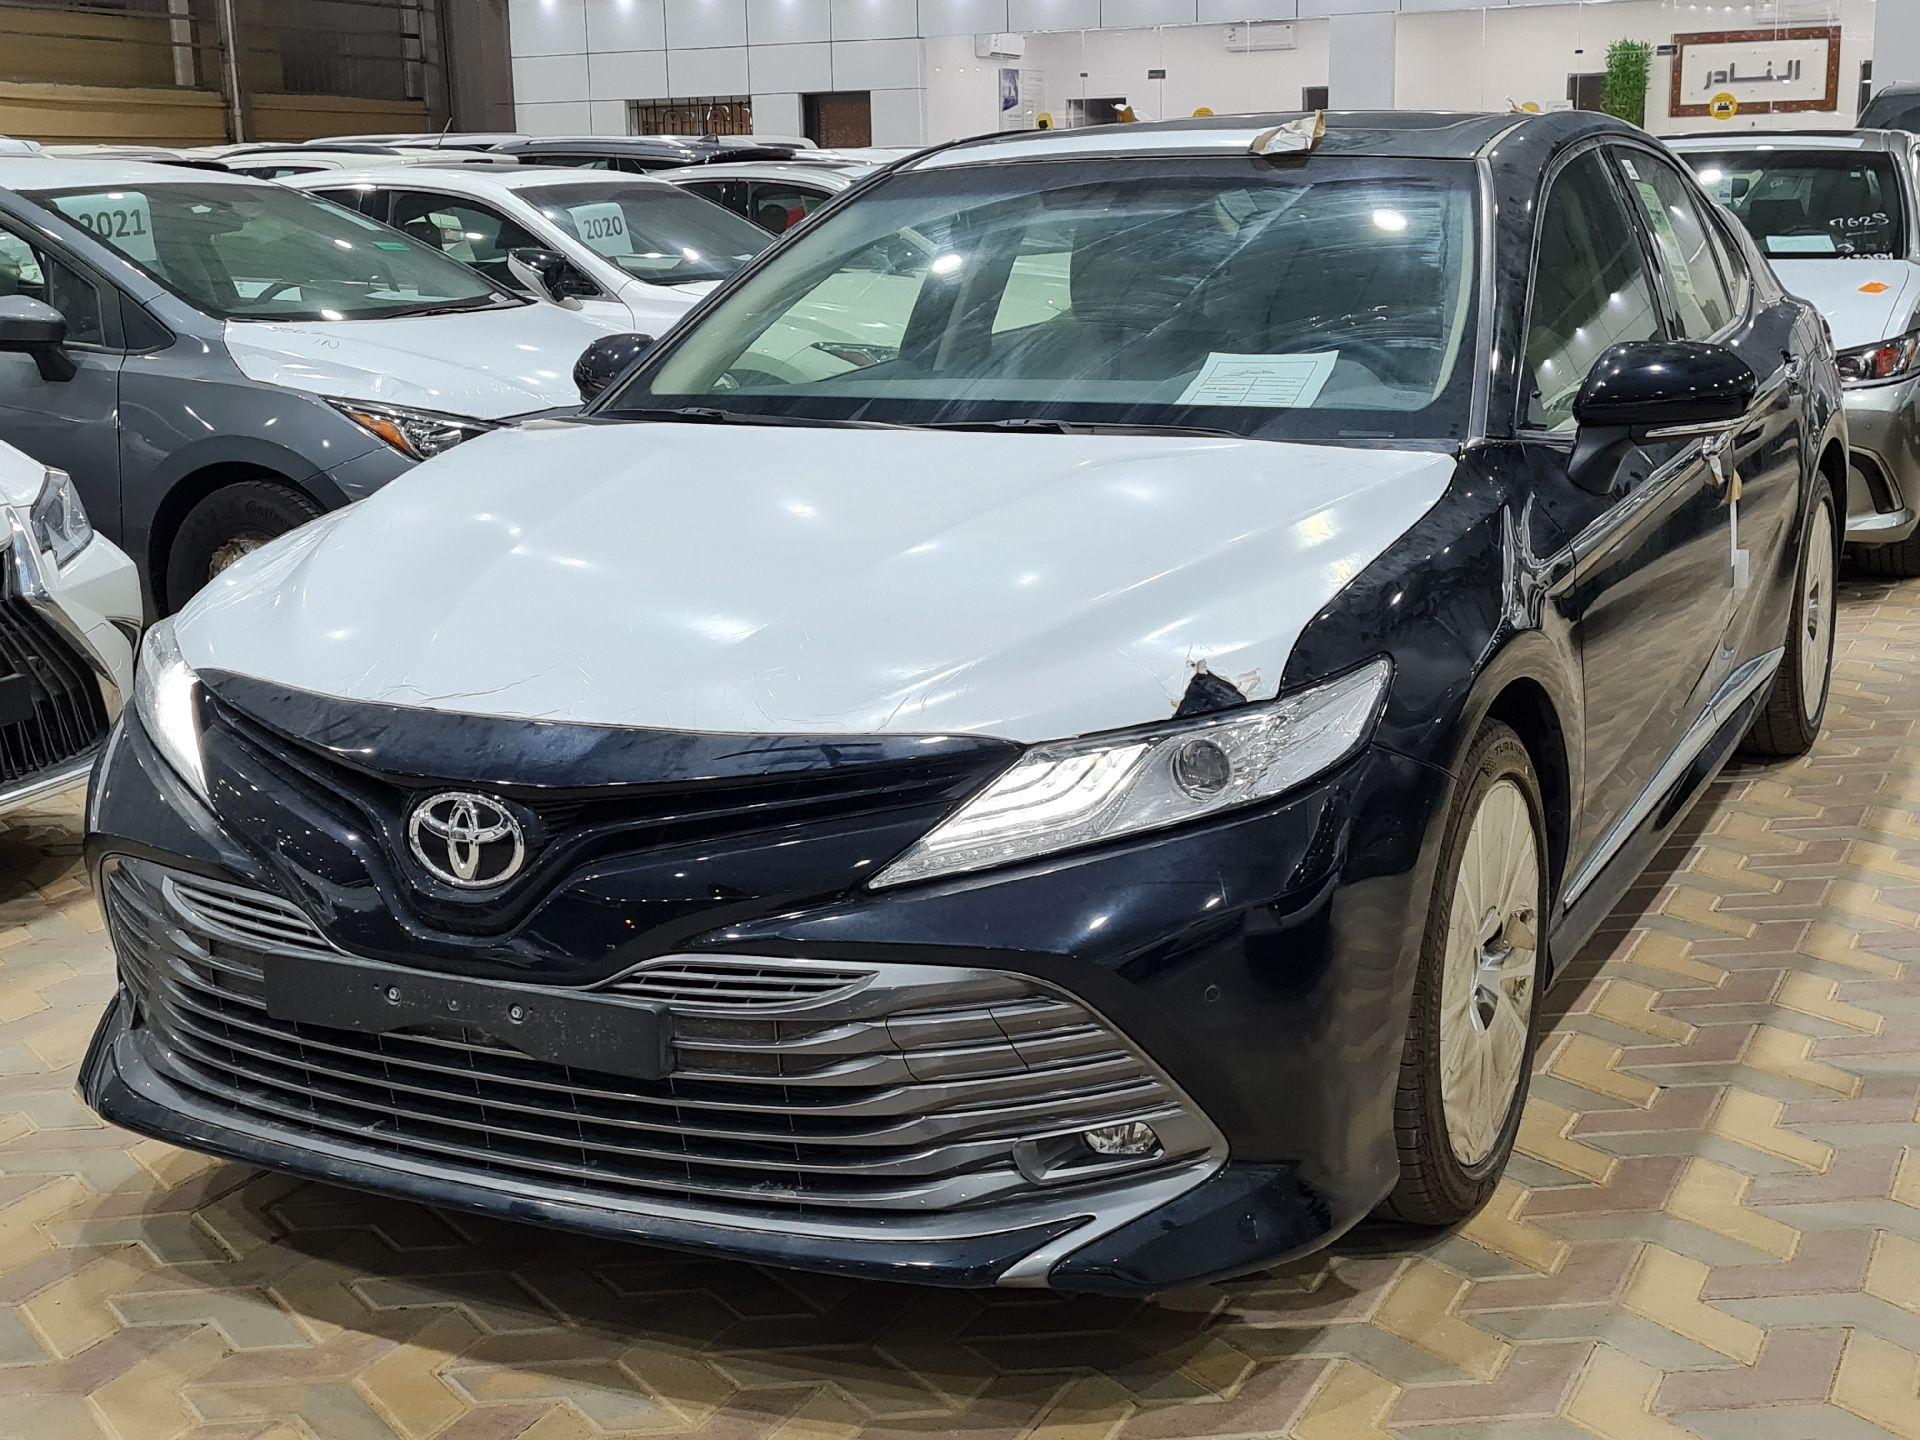 مباع - تويوتا كامري Limited فل 2020 خليجي جديد للبيع في الرياض - السعودية - صورة كبيرة - 1